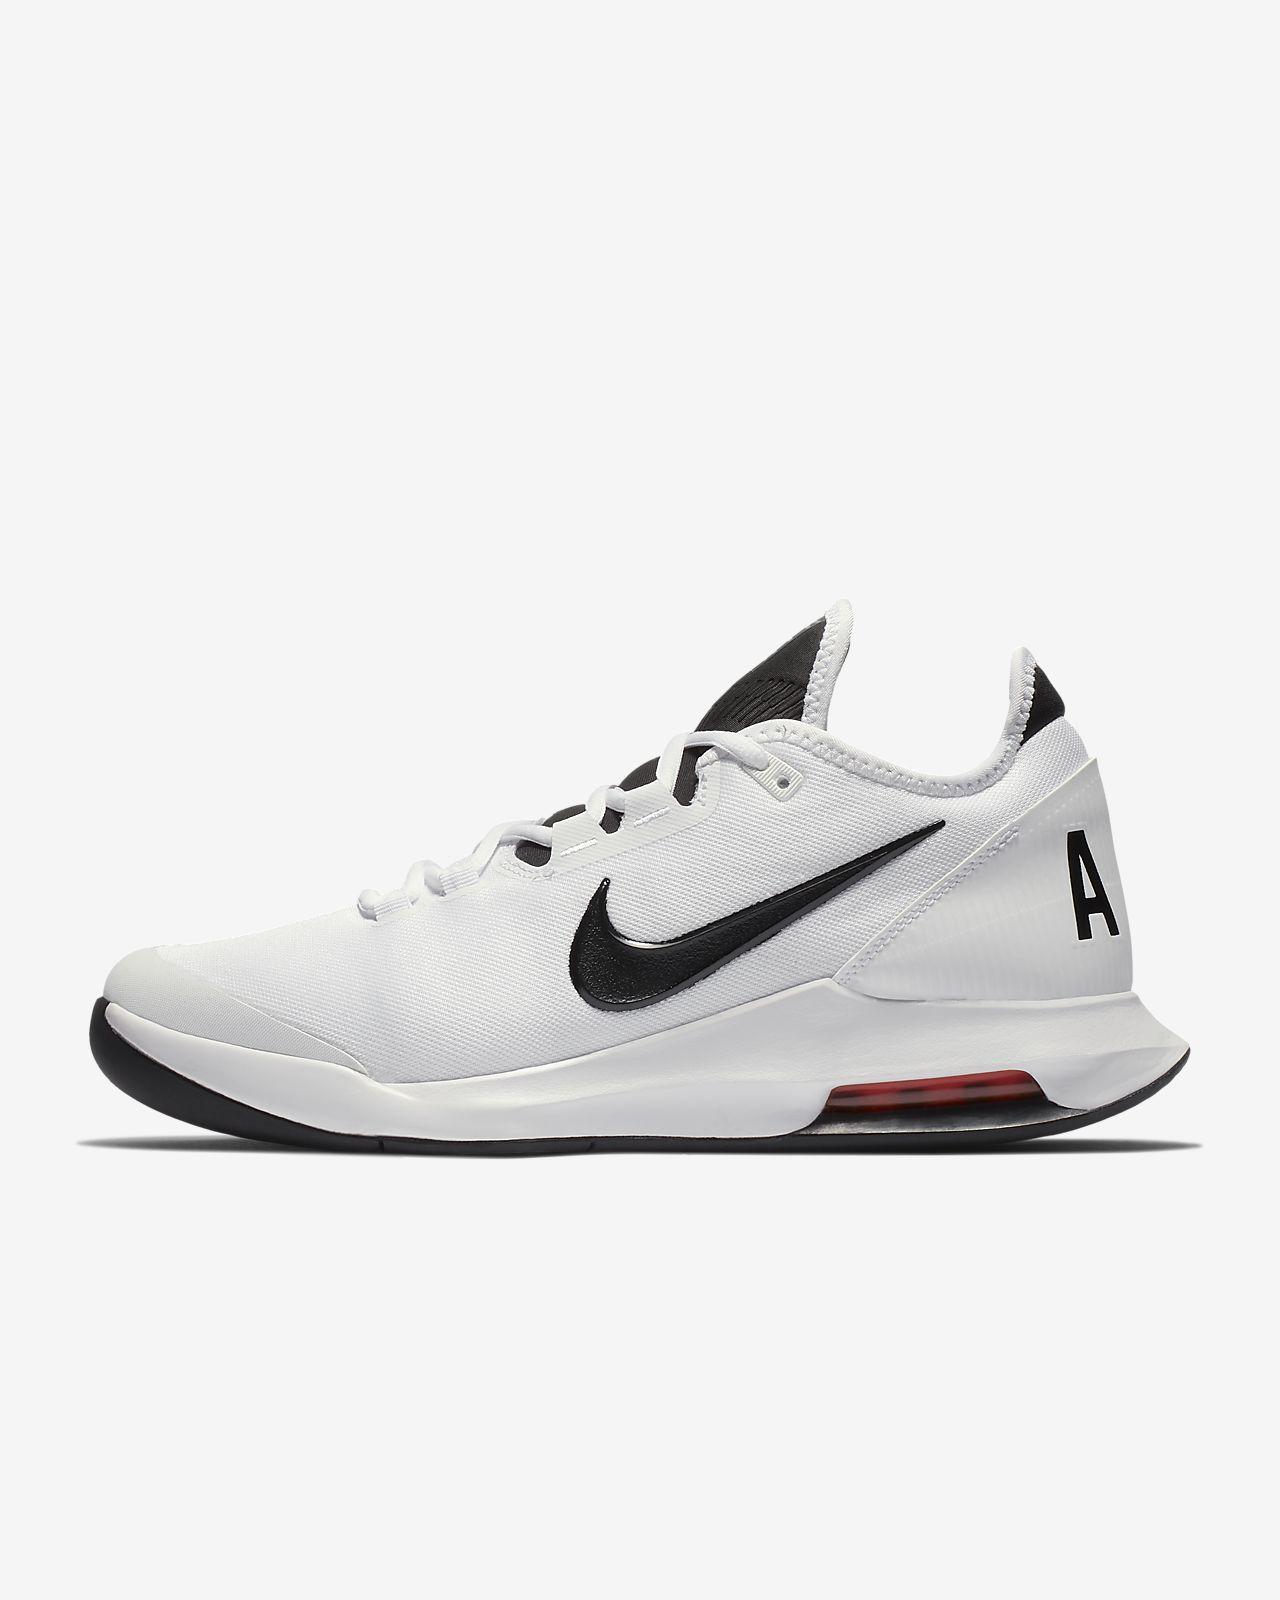 NikeCourt Air Max Wildcard Tennisschoen voor heren